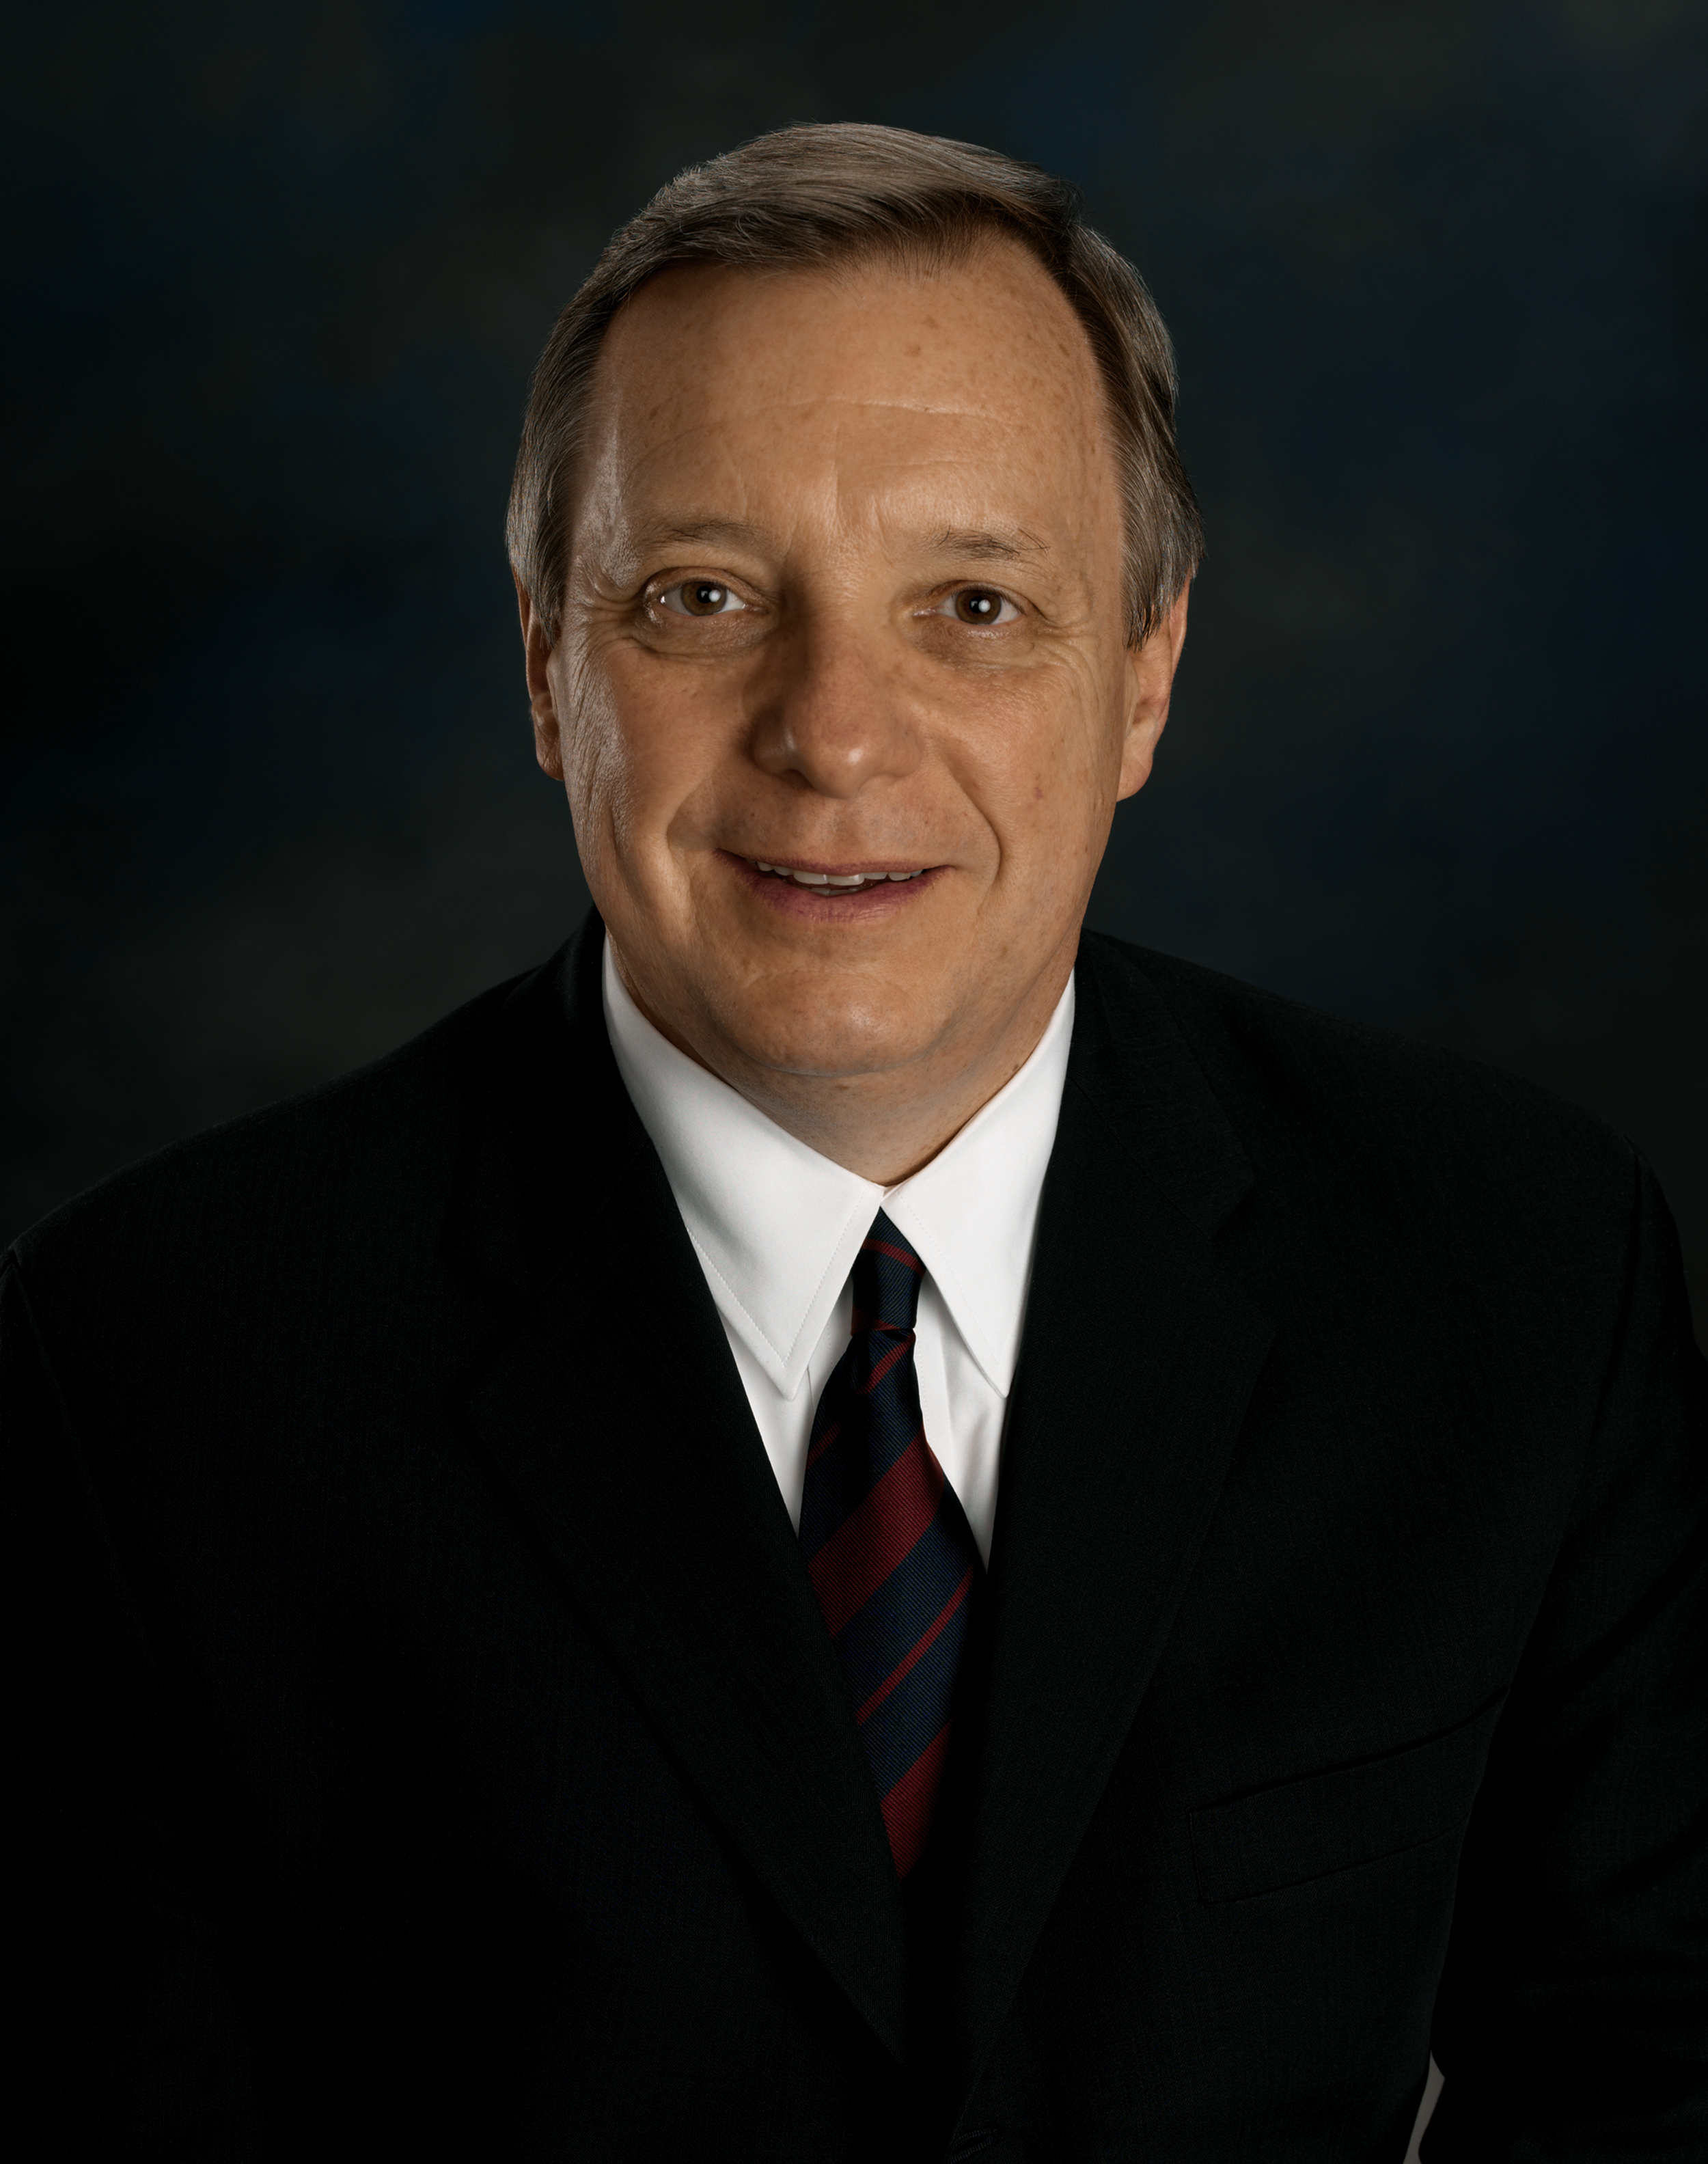 Sen. Dick Durbin (D)